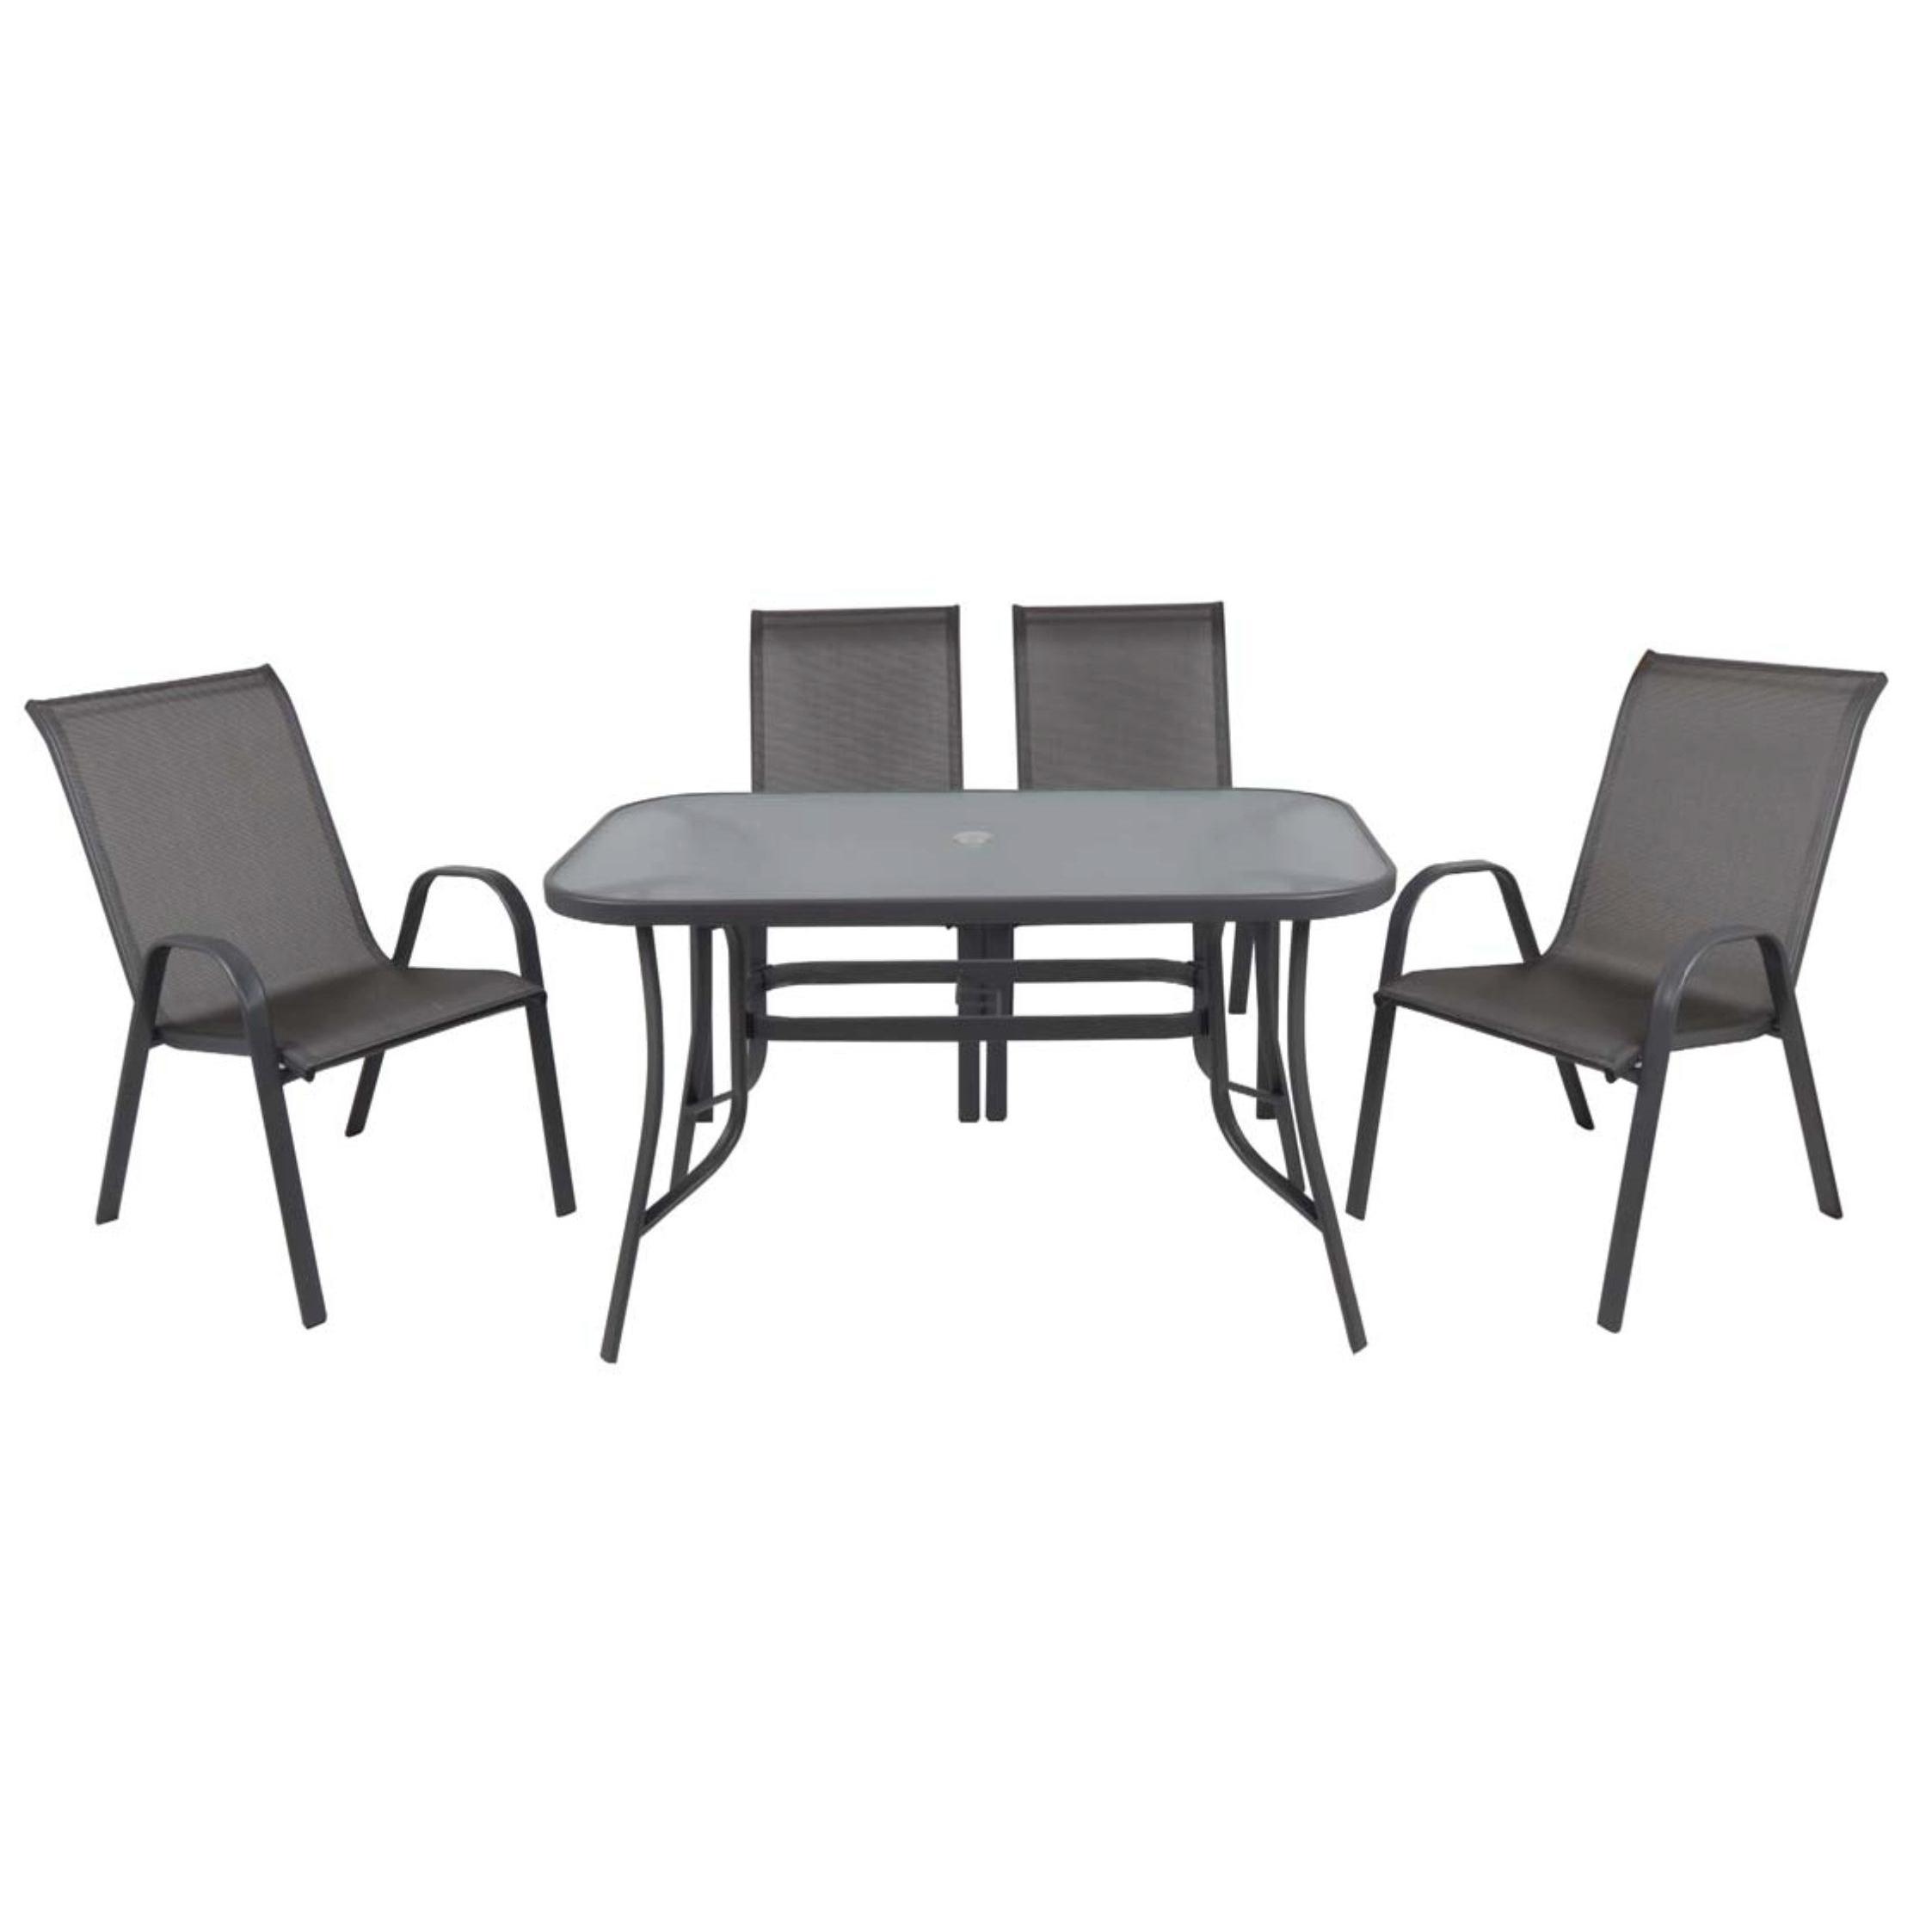 Set 5pcs Table 120x70 4 Armchairs Steel Textilene Grey